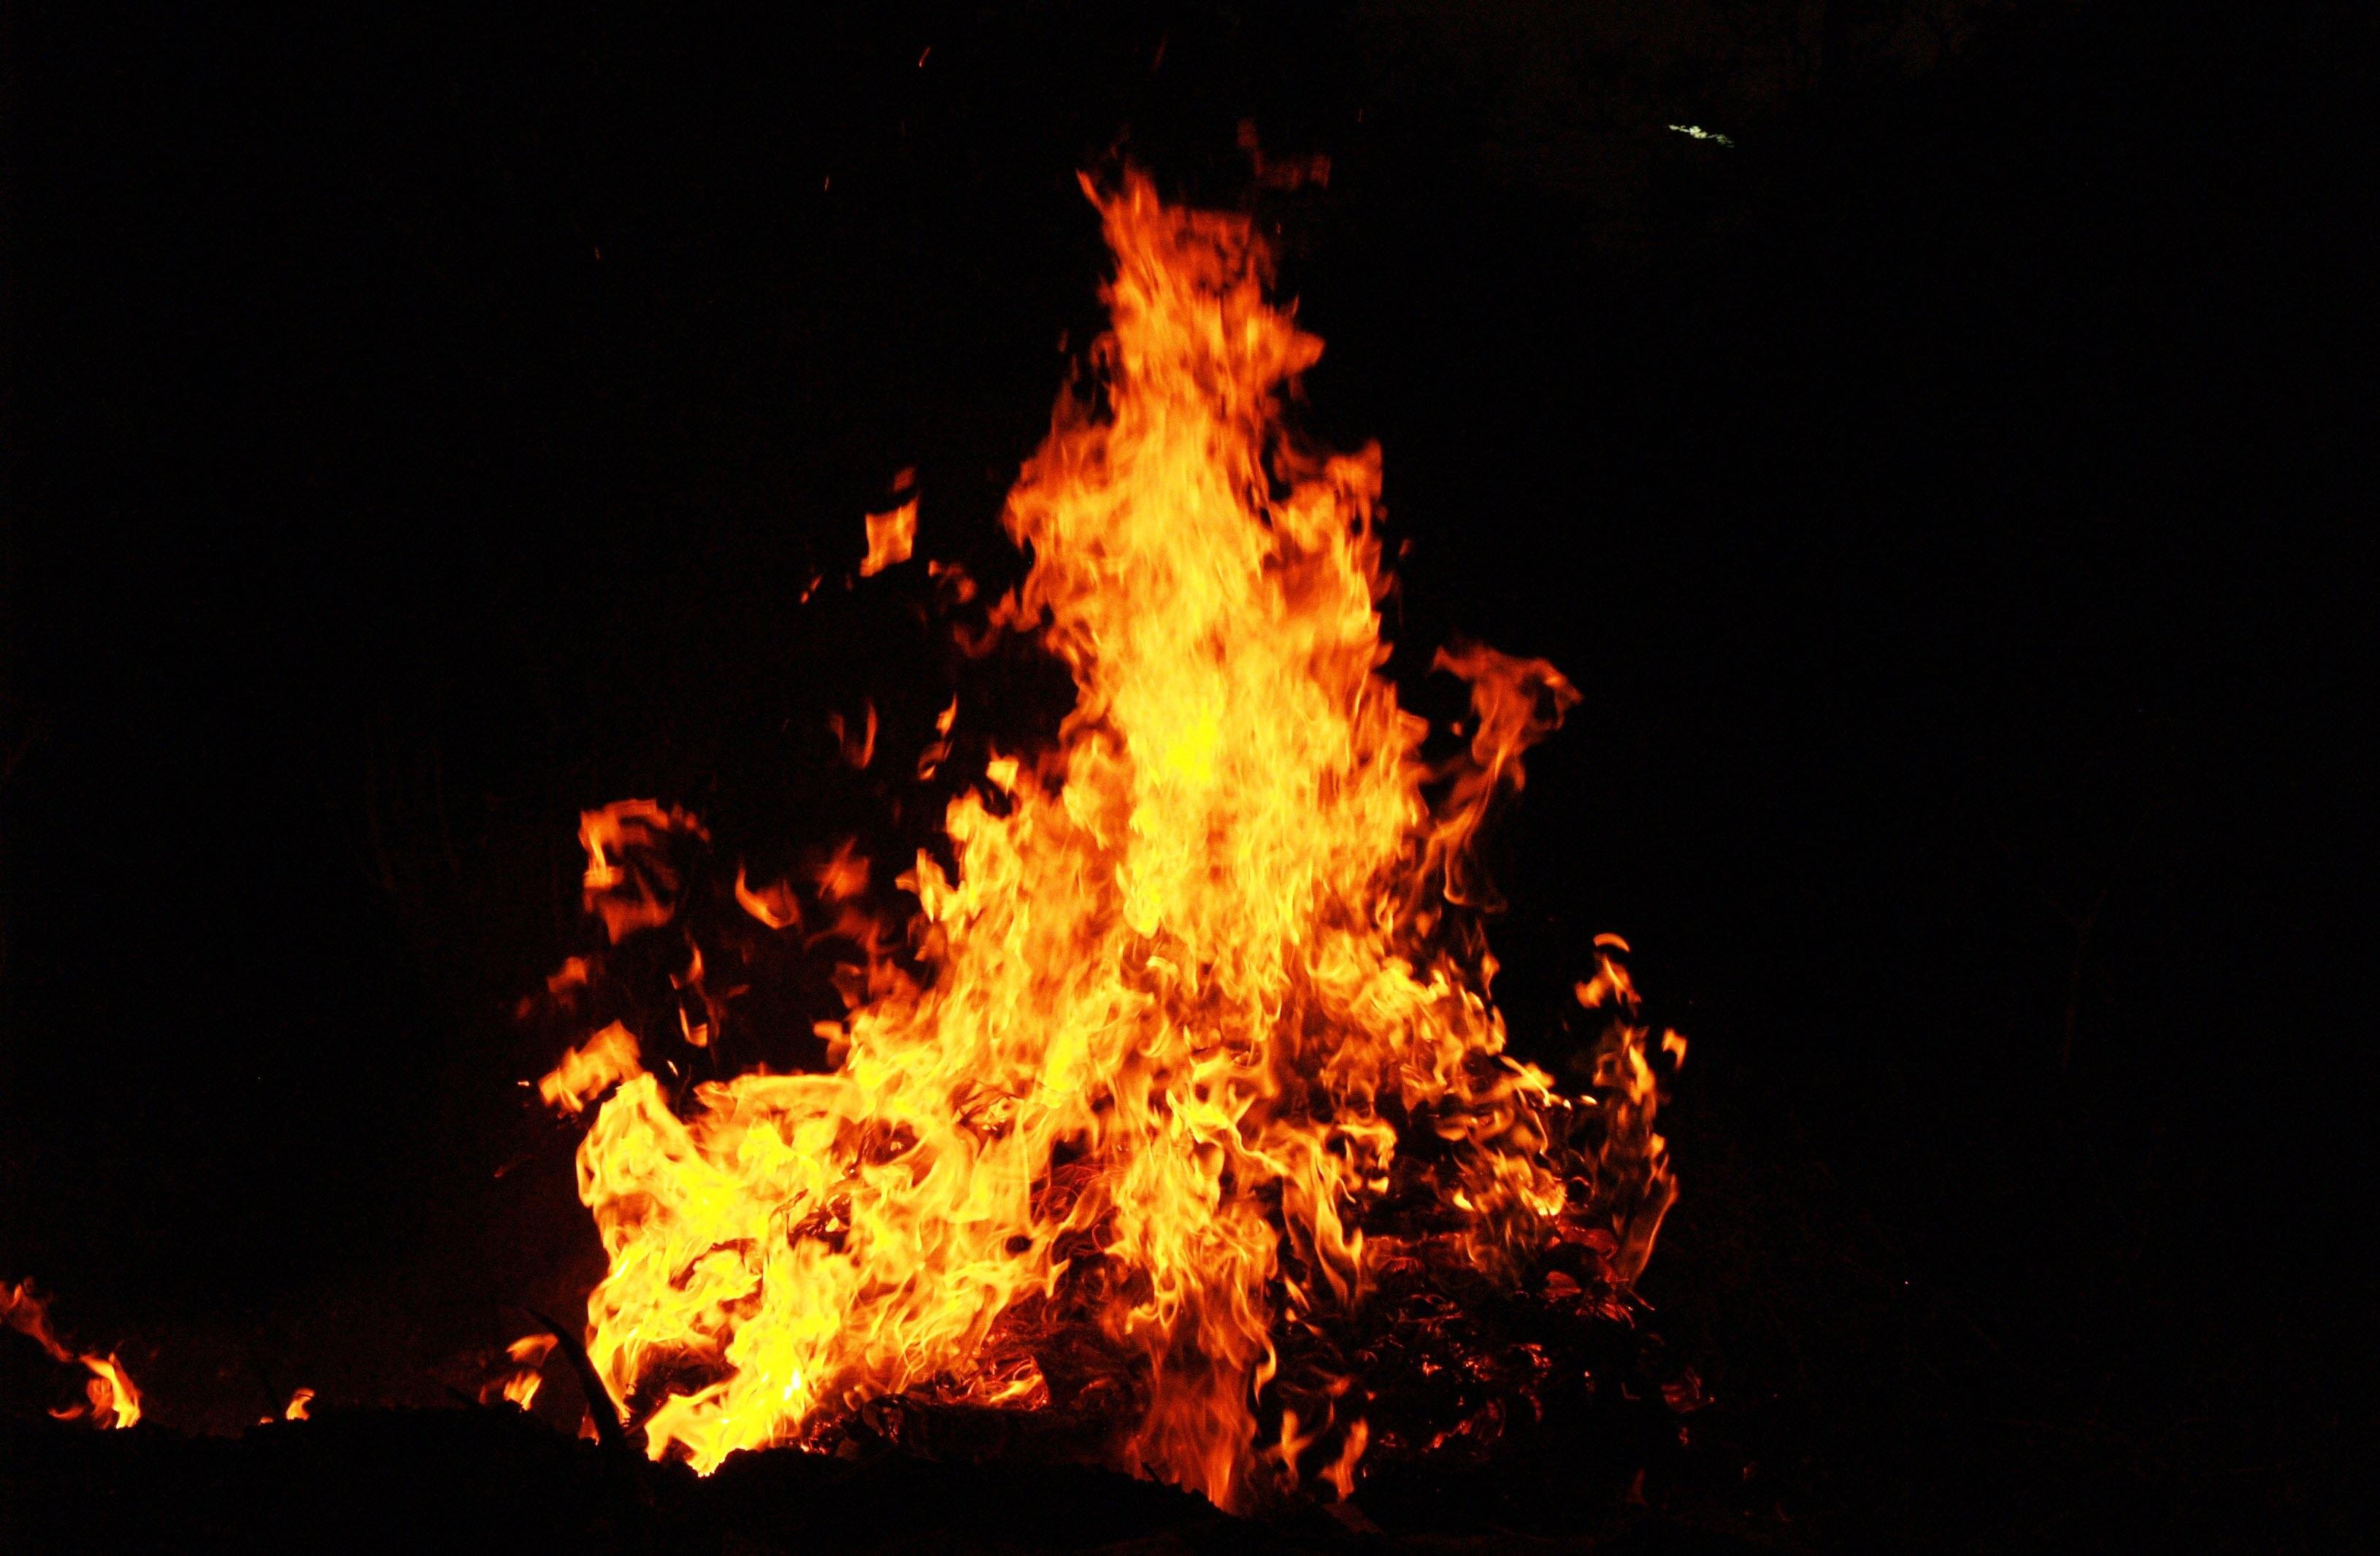 Hình nền lửa cháy đẹp nhất